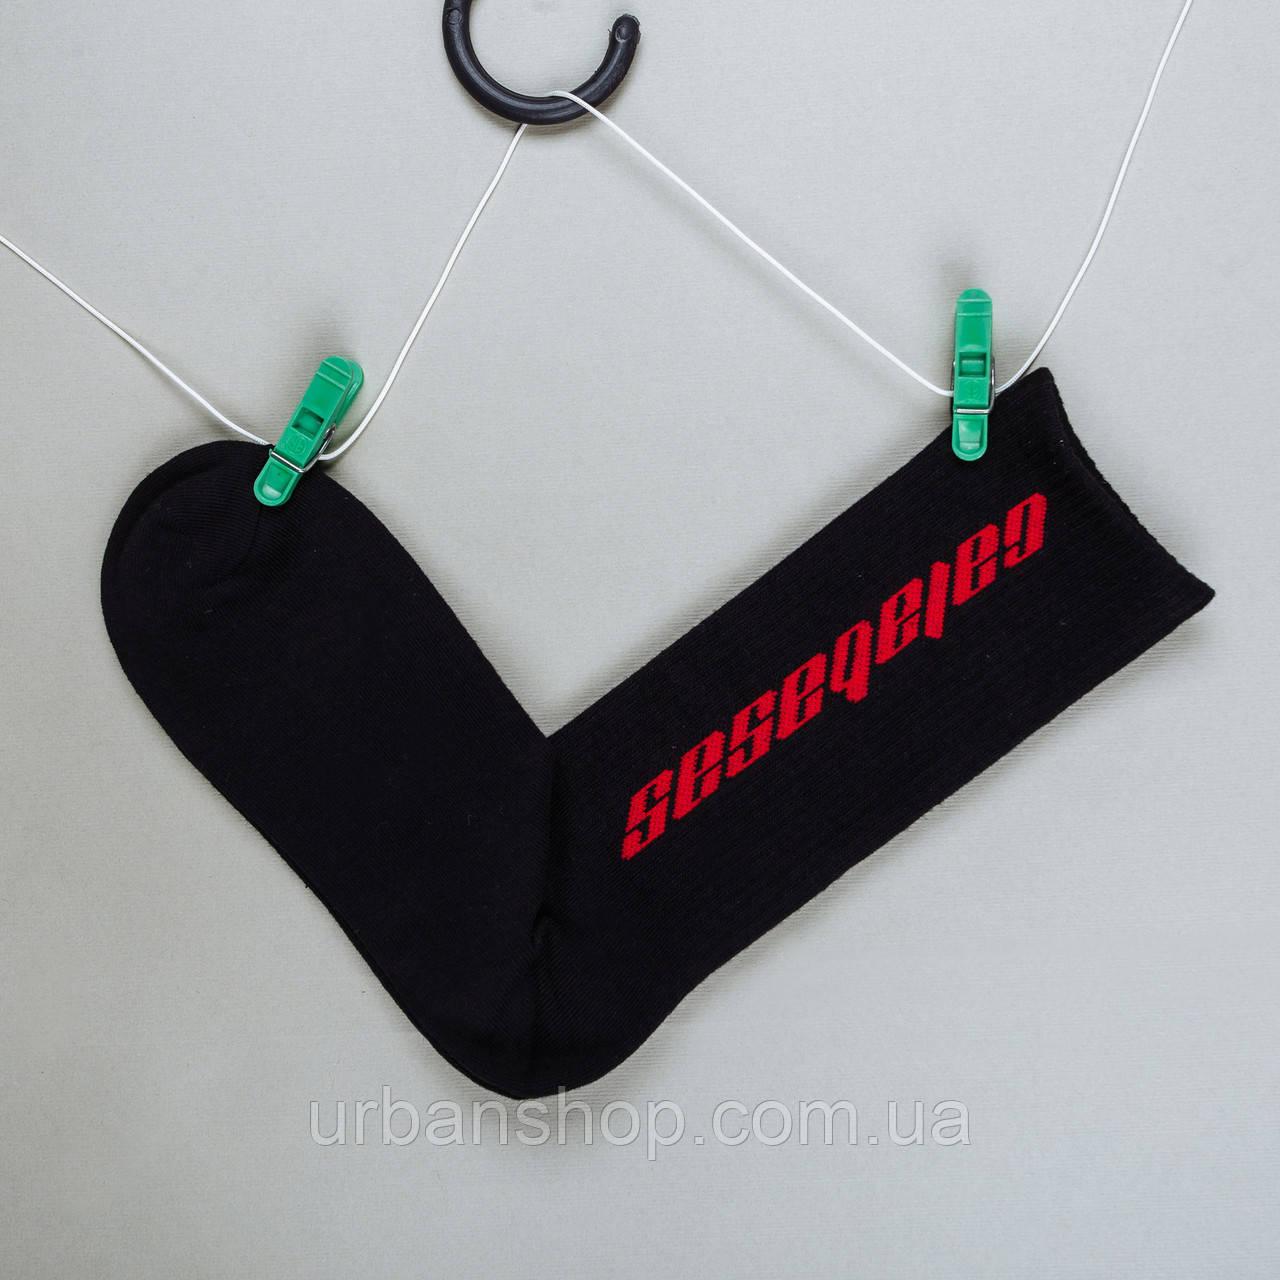 Шкарпетки Calabasas Calabasas